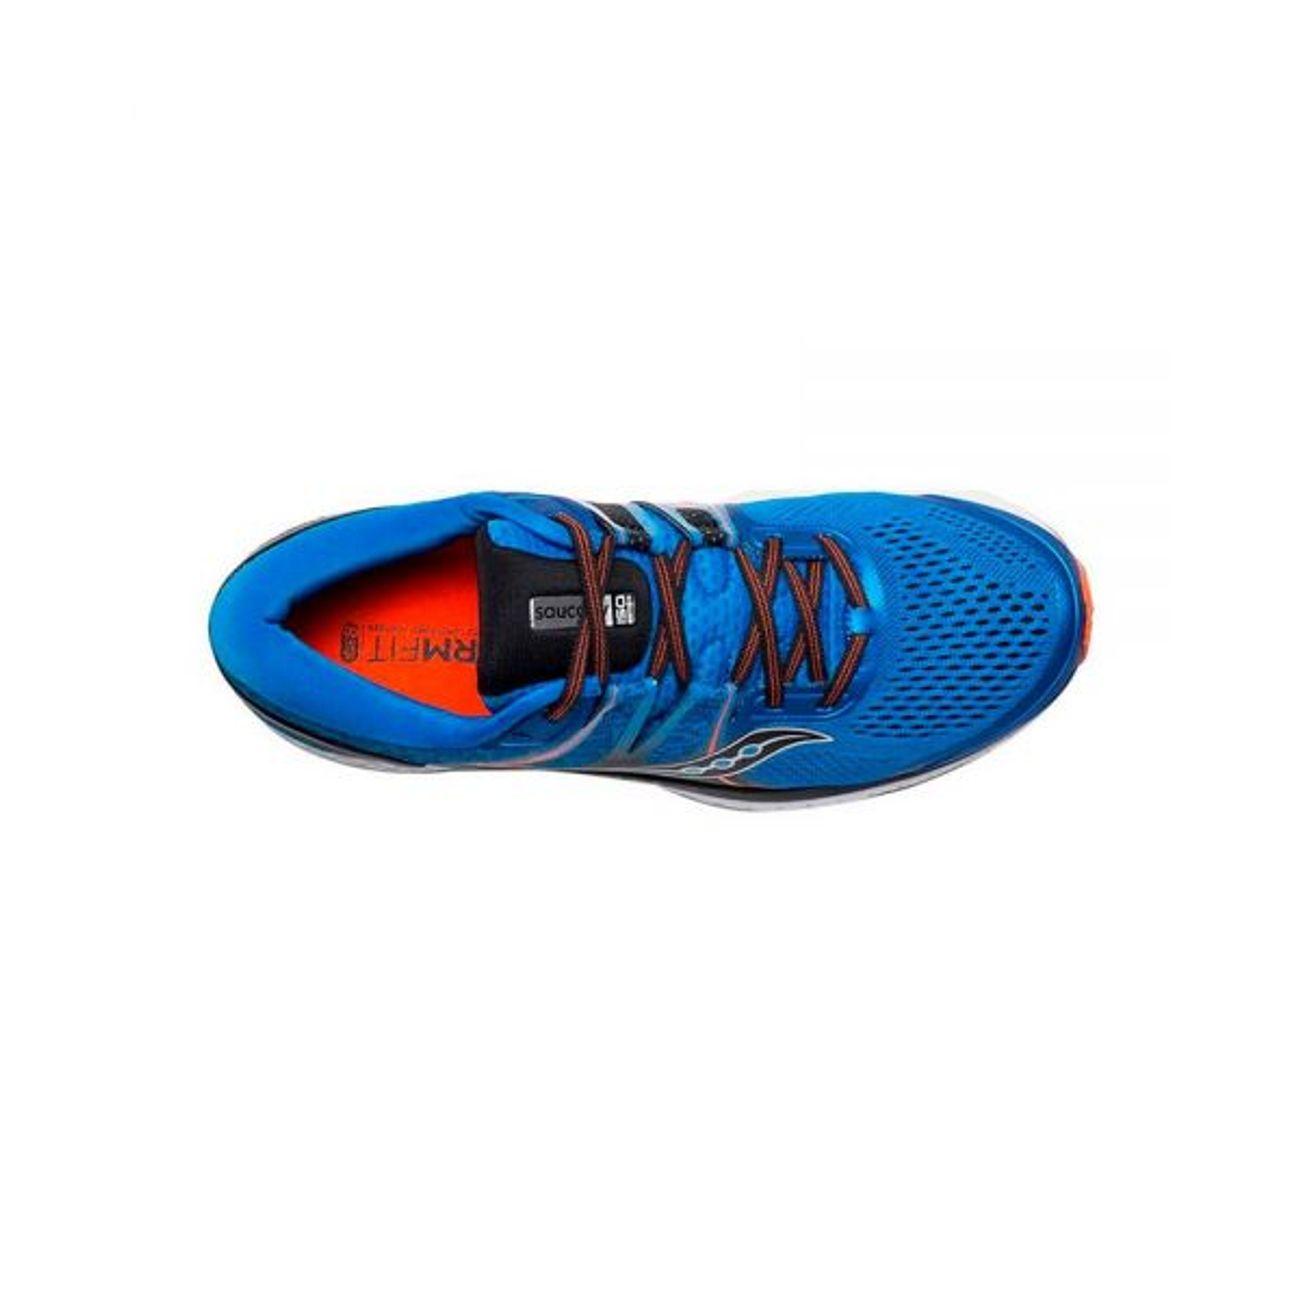 Adulte S20442 Orange Omni Saucony 36 Running Iso Bleu OPnk0w